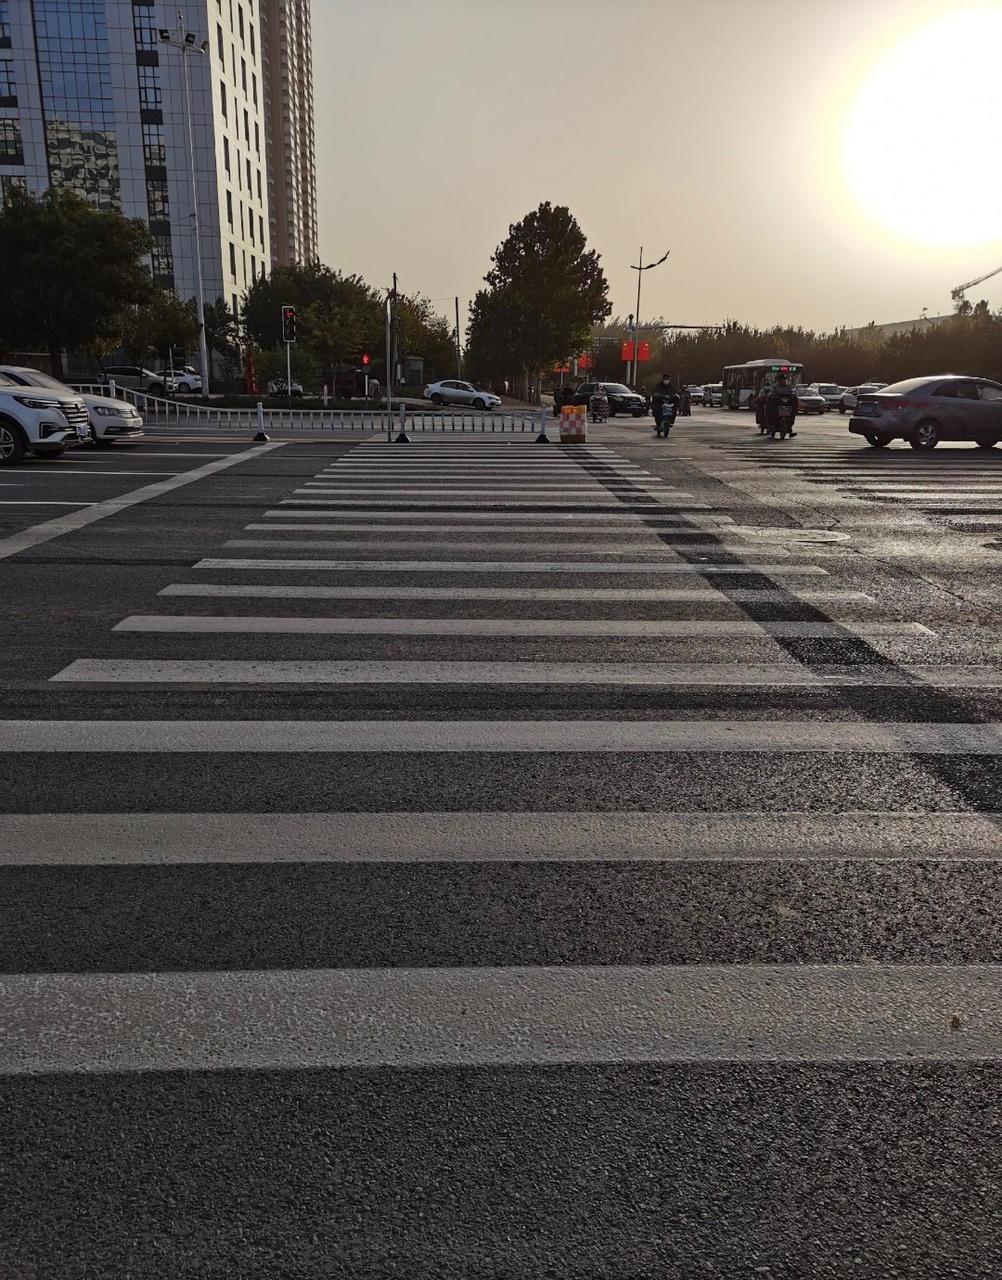 过个马路需要跨栏?这是什么设计?